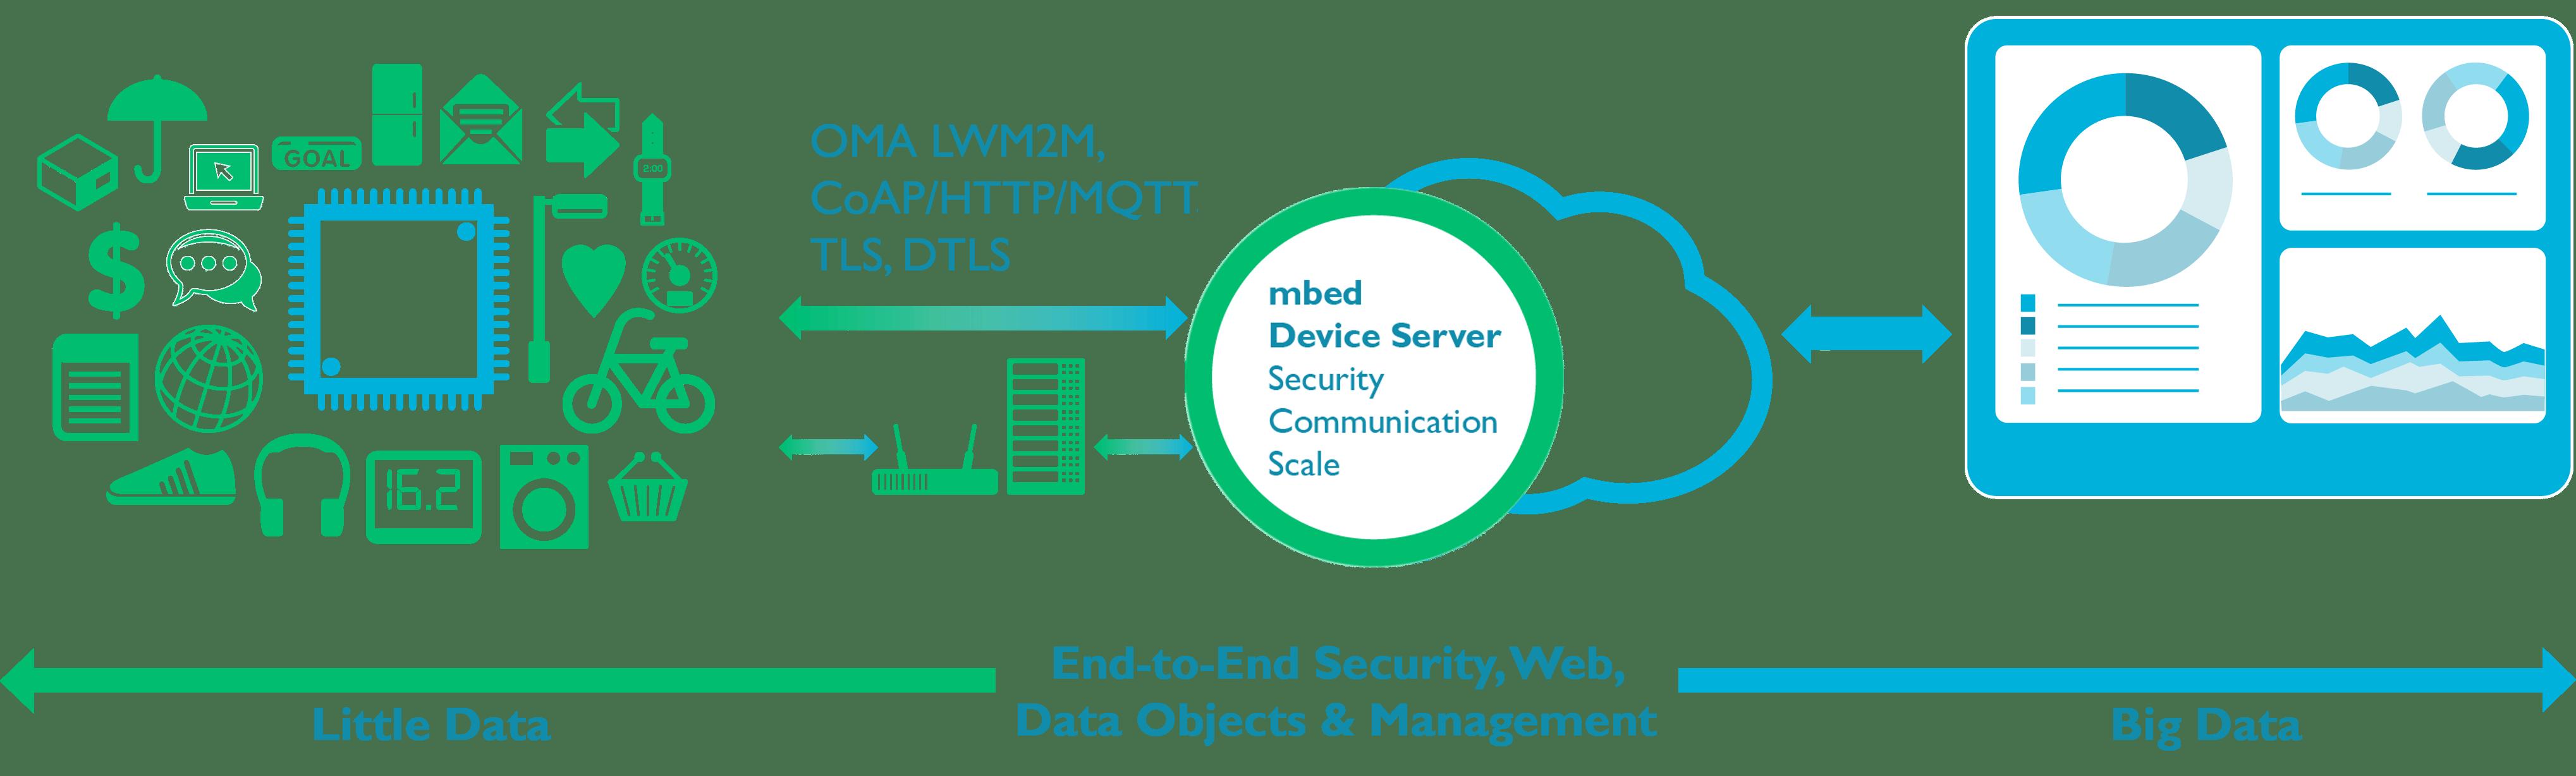 mbed OS : ARM se lance sur le marché des systèmes d'exploitation pour les objets connectés